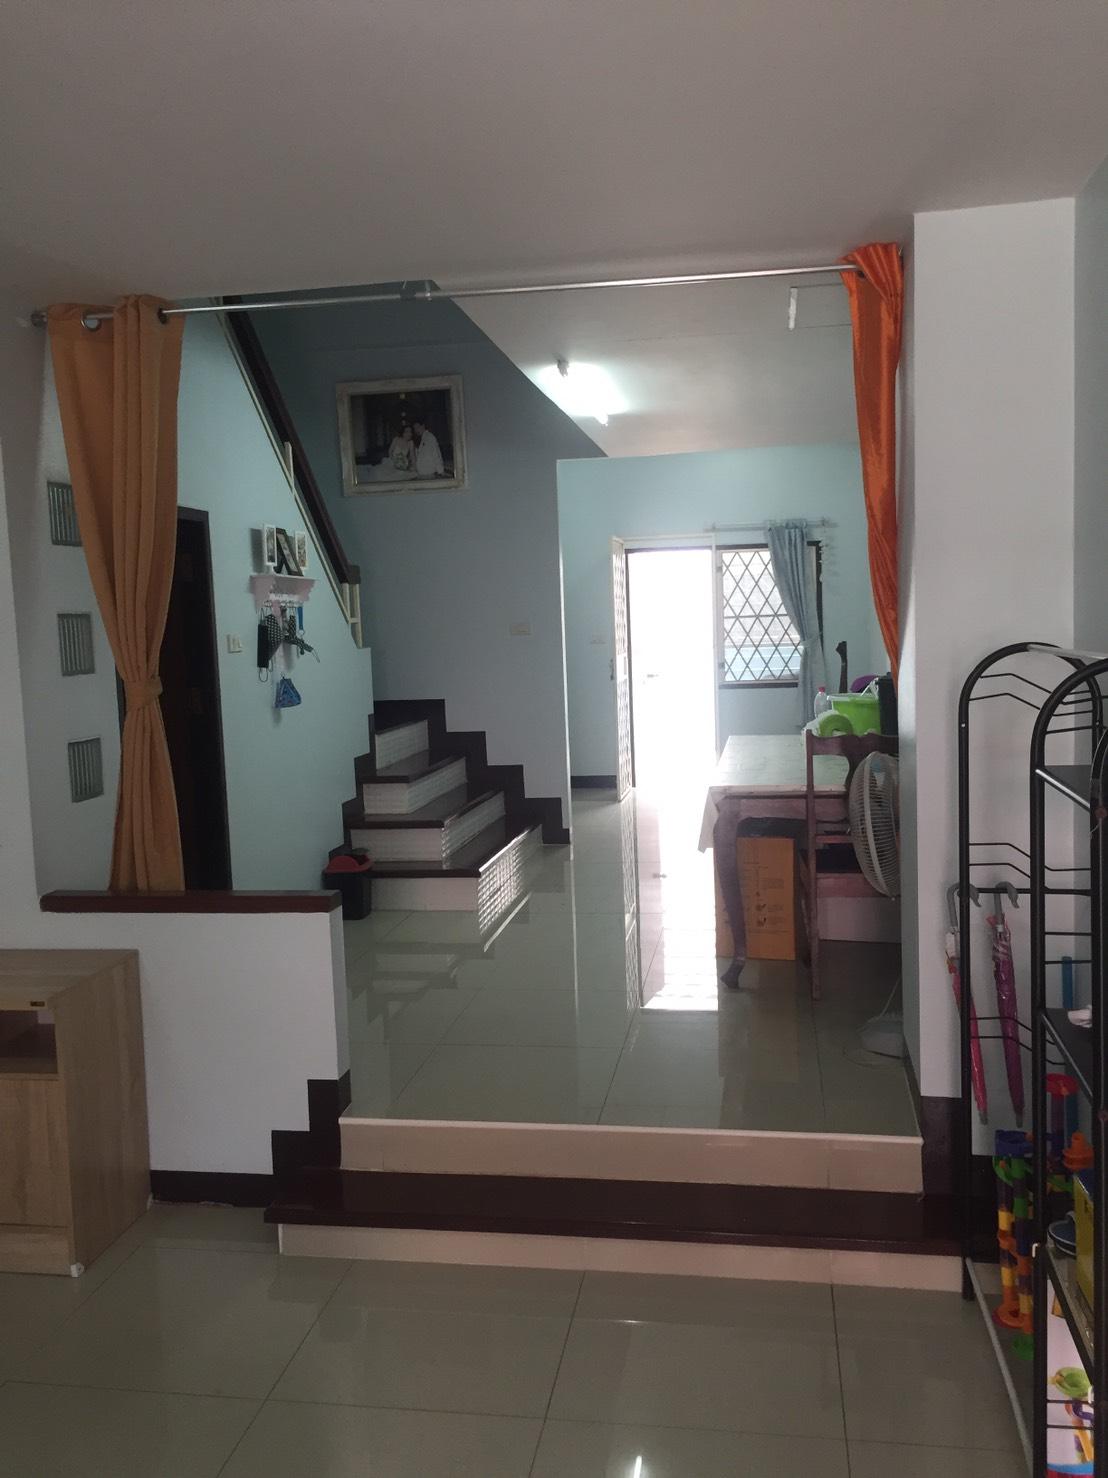 ขายด่วน  บ้านใหม่ พร้อมเข้าอยู่ ติดต่อเจ้าของได้ตลอด 24 ชม ราคาต่อรองได้ นัดดูบ้านได้ตลอด